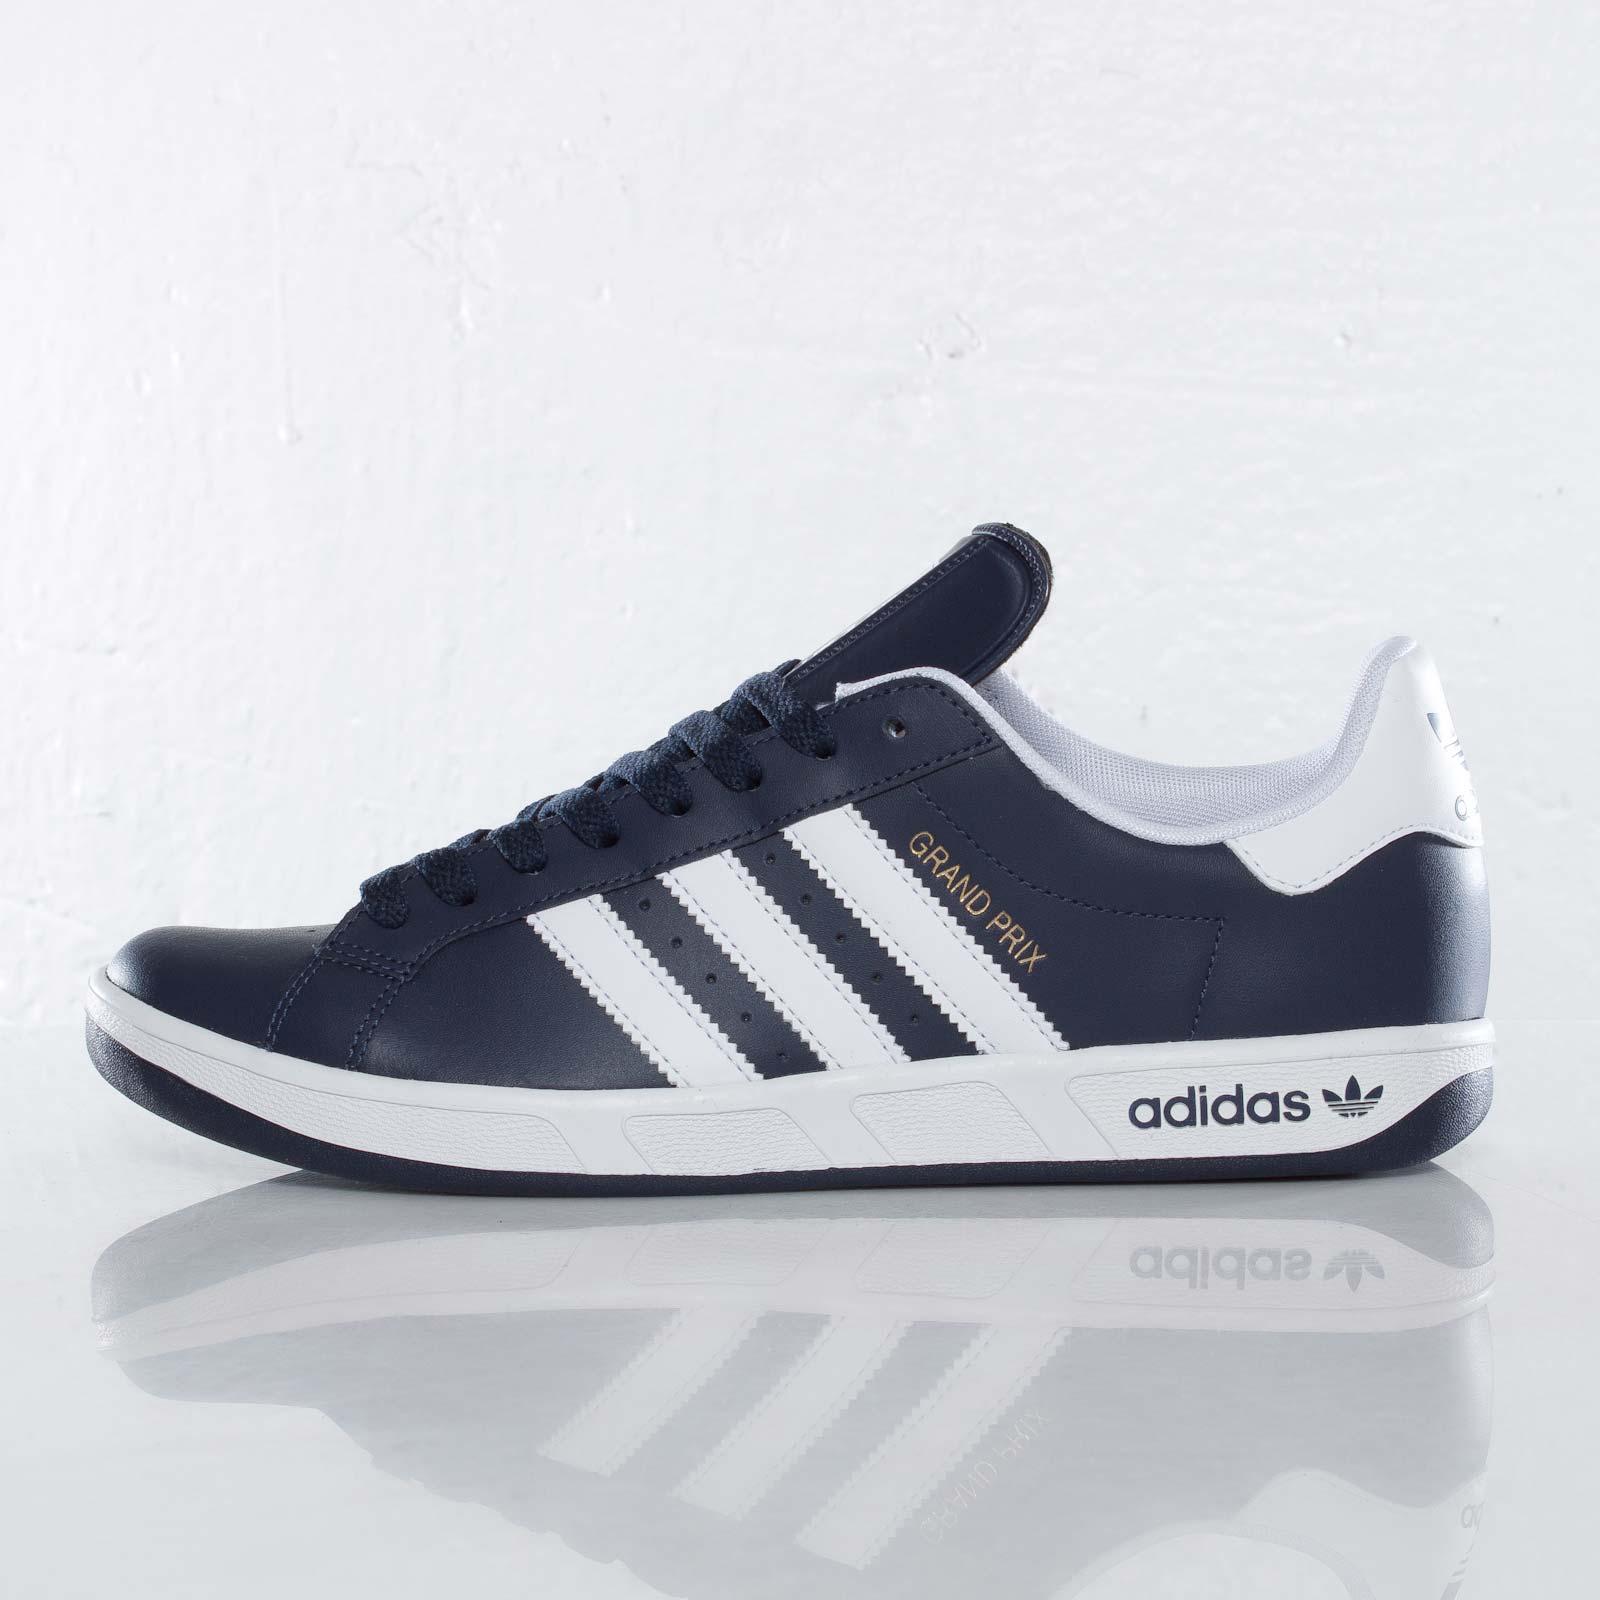 ce0c4236 adidas Grand Prix - G59936 - Sneakersnstuff | sneakers & streetwear online  since 1999